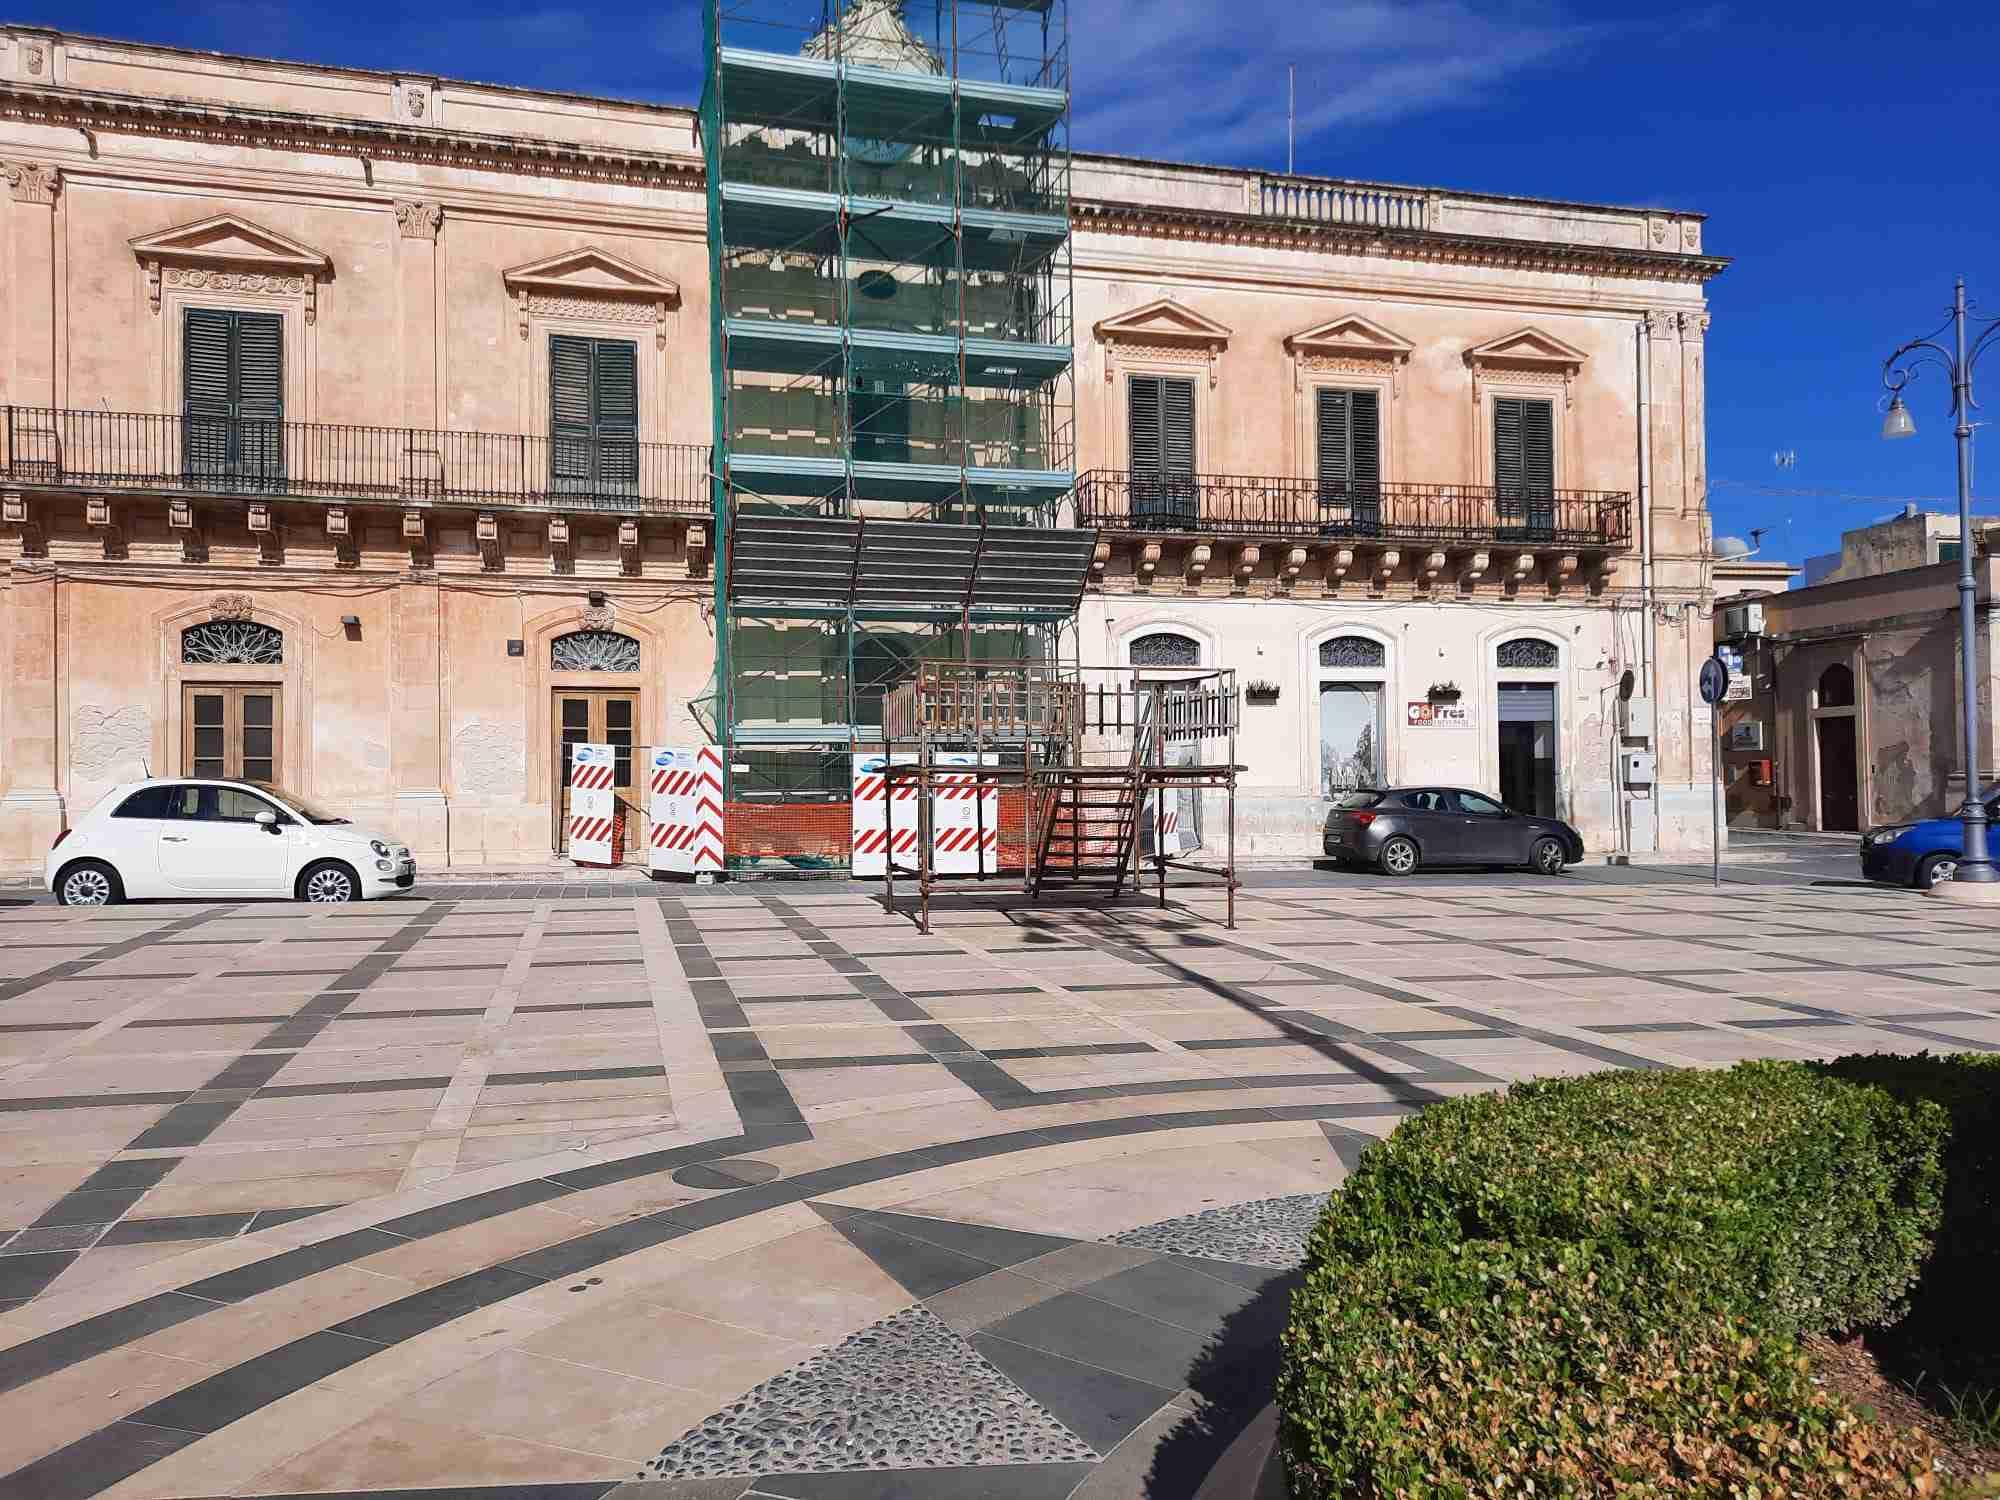 Stasera dalle 19.50 comizi di chiusura in Piazza Garibaldi, tutti gli orari